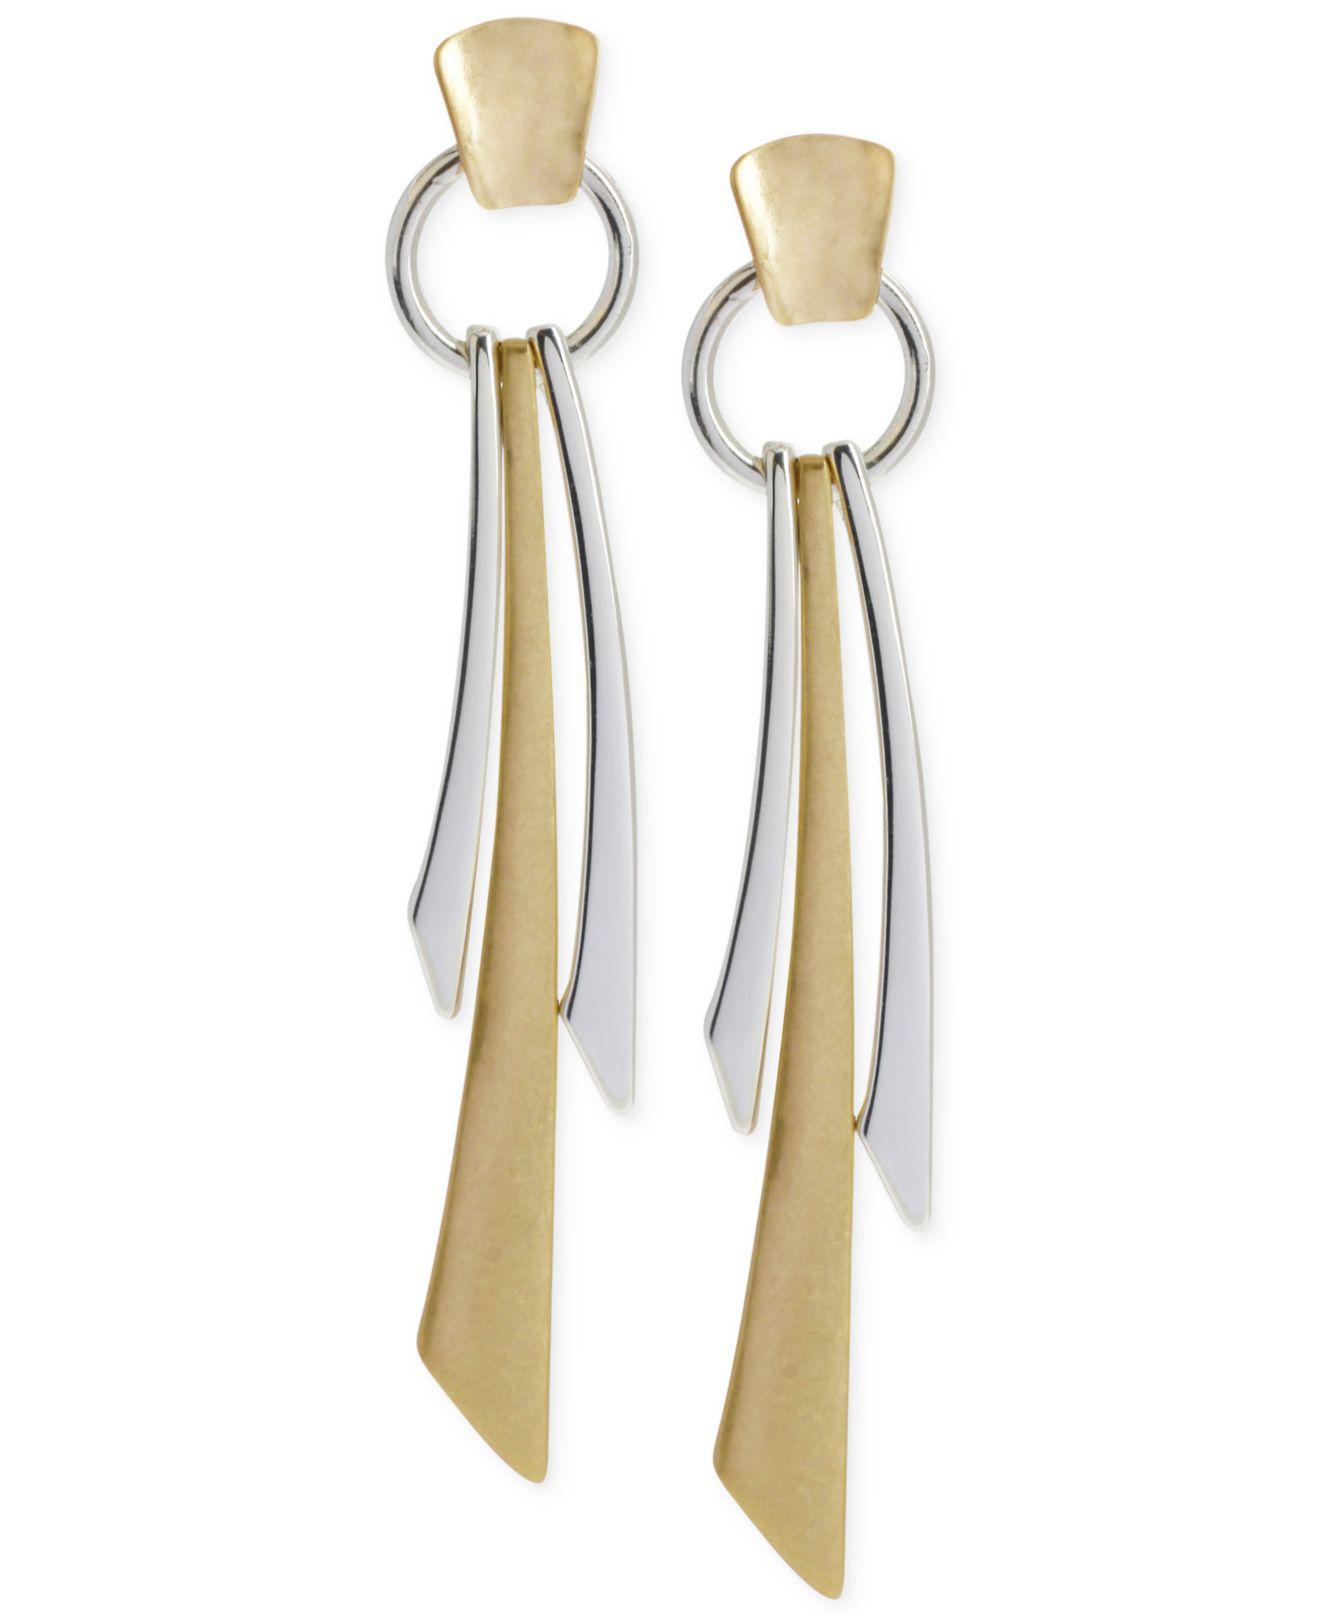 d3d426195 Lyst - Robert Lee Morris Two-tone Geometric Linear Earrings in Metallic